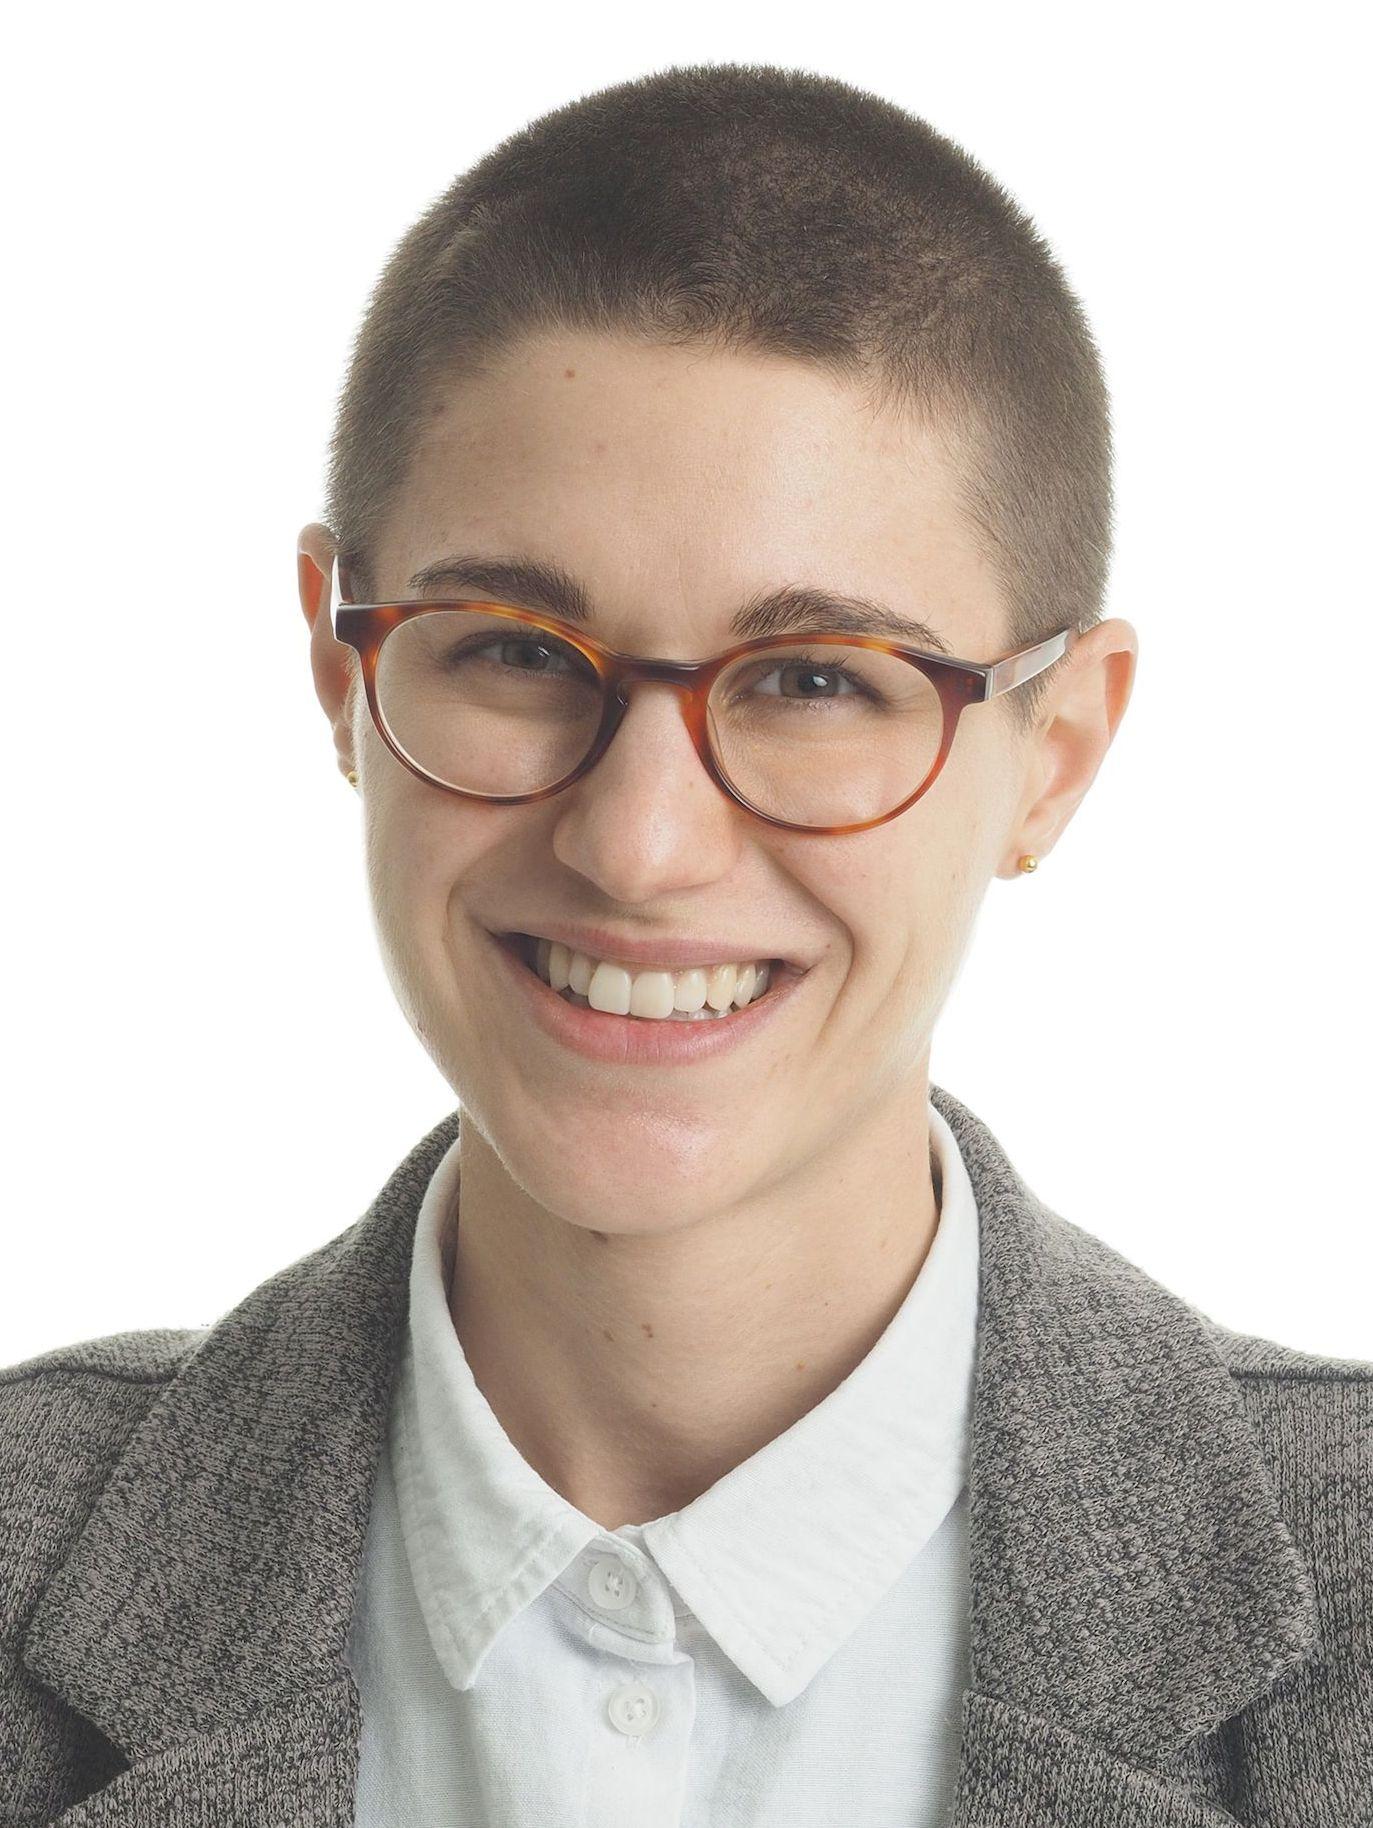 M.A. Esther Meier